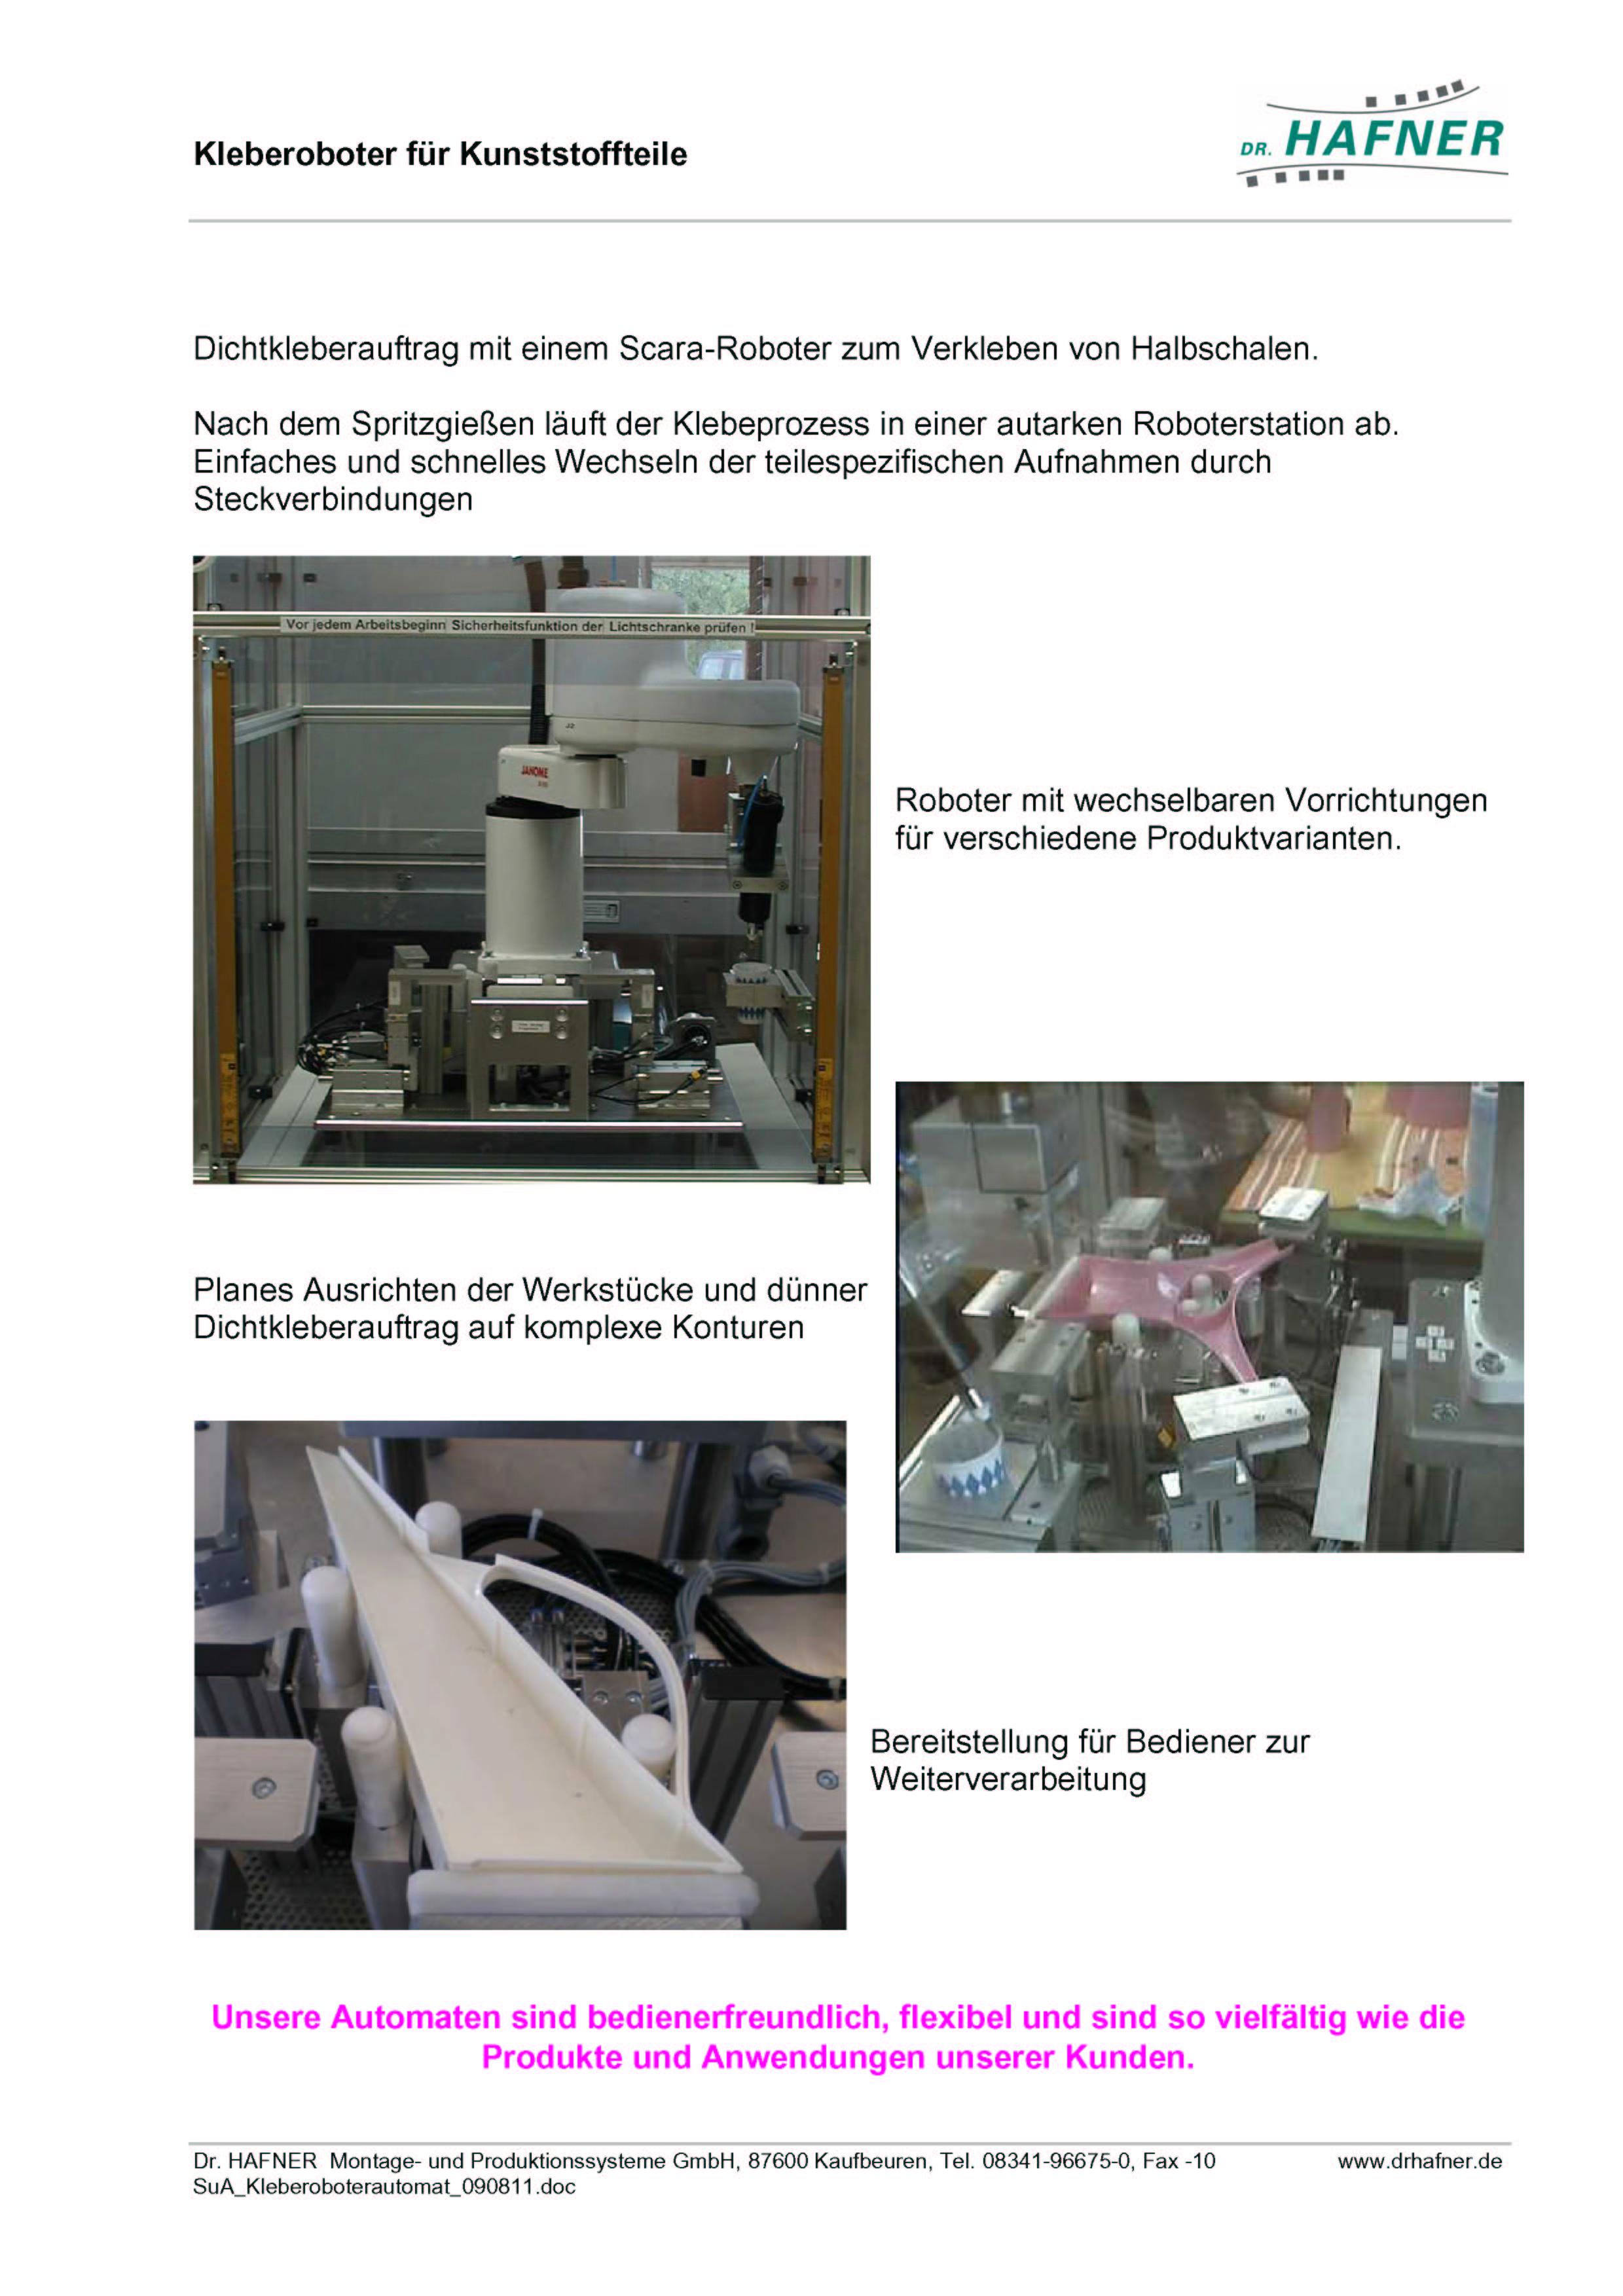 Dr. HAFNER_PKWP_62 Kleberoboter Kunststoffteile